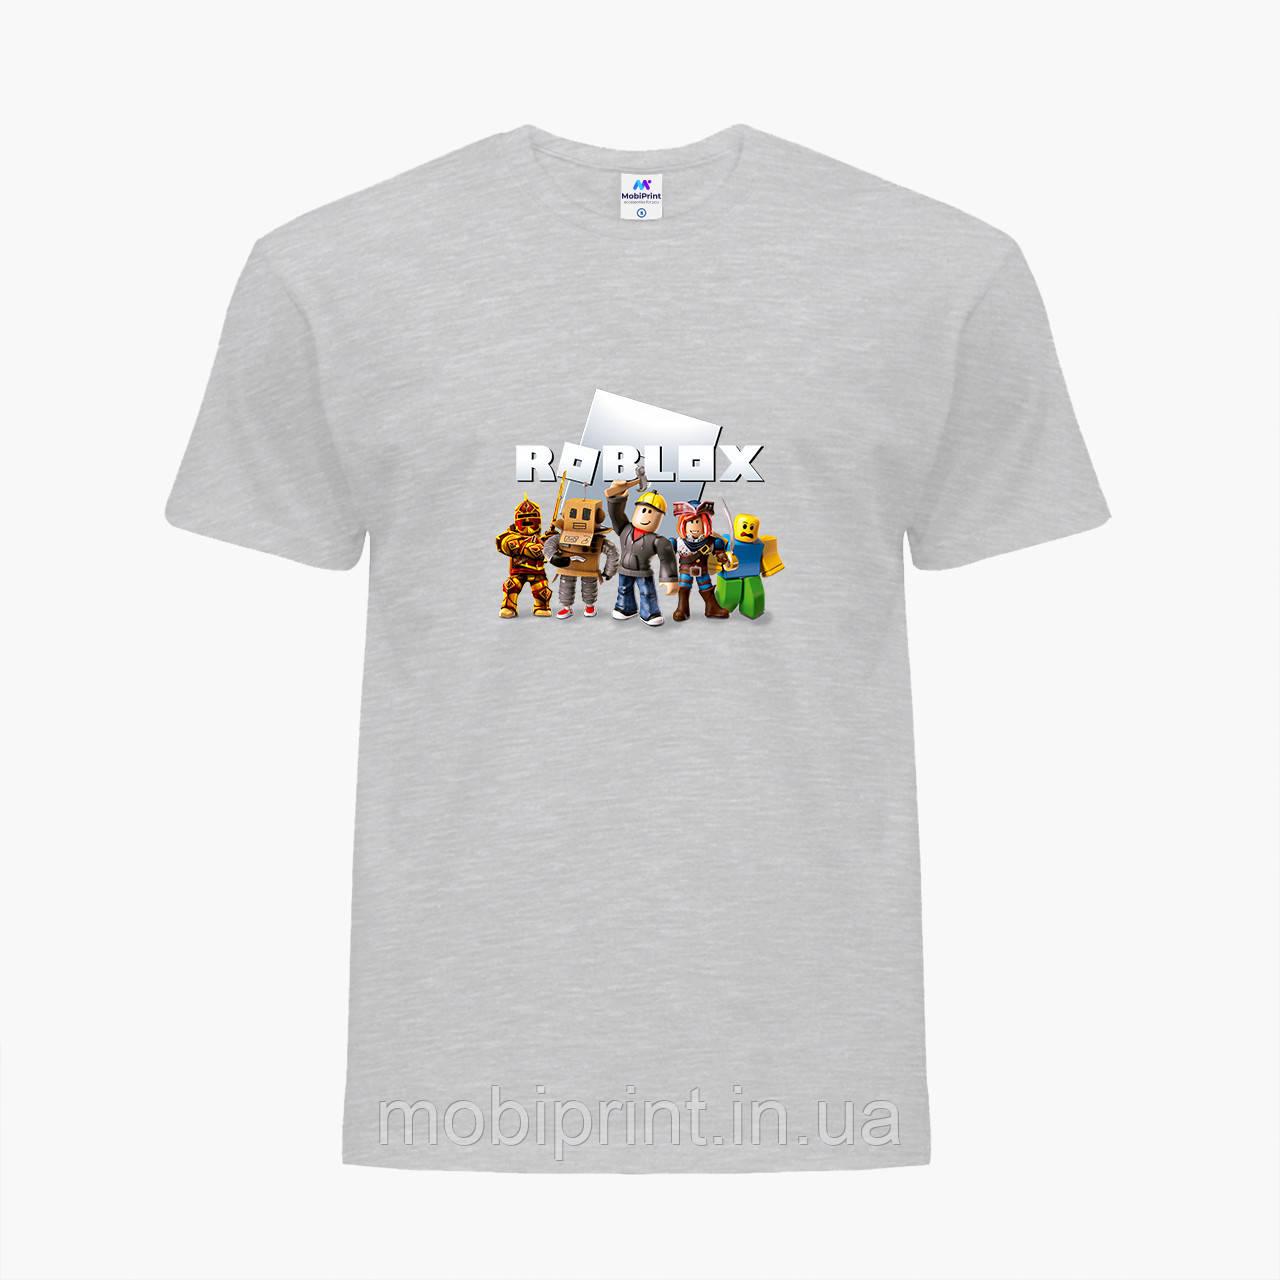 Детская футболка для мальчиков Роблокс (Roblox) (25186-1219) Светло-серый